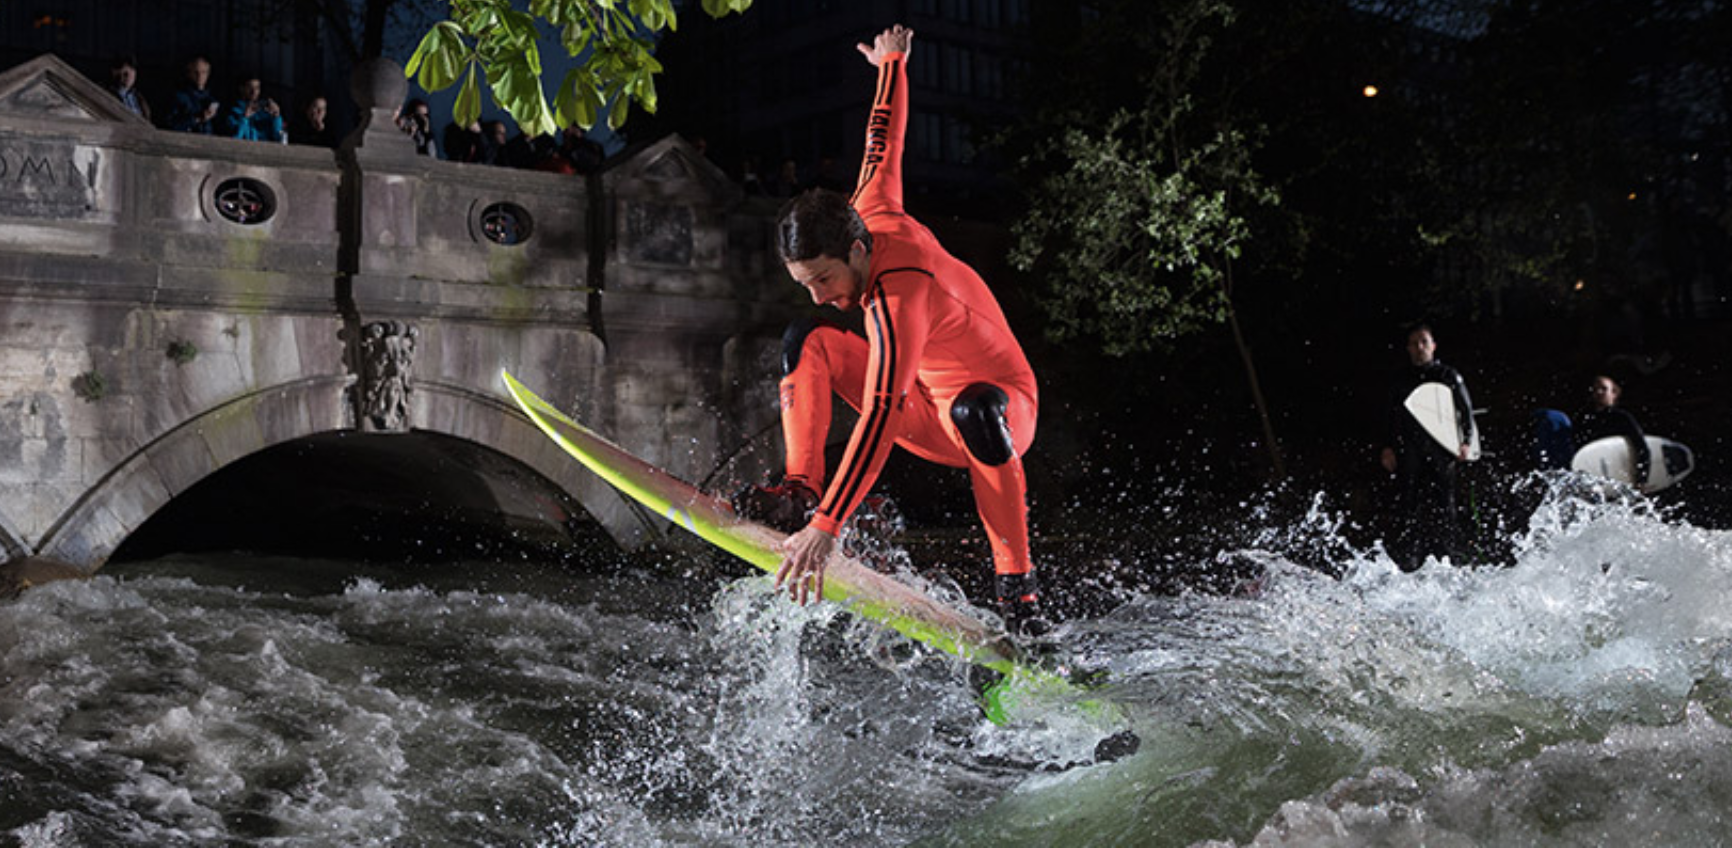 """Behind the Scenes beim Dreh der neuen Canon-Kampagne """"City Surfer"""" in München"""